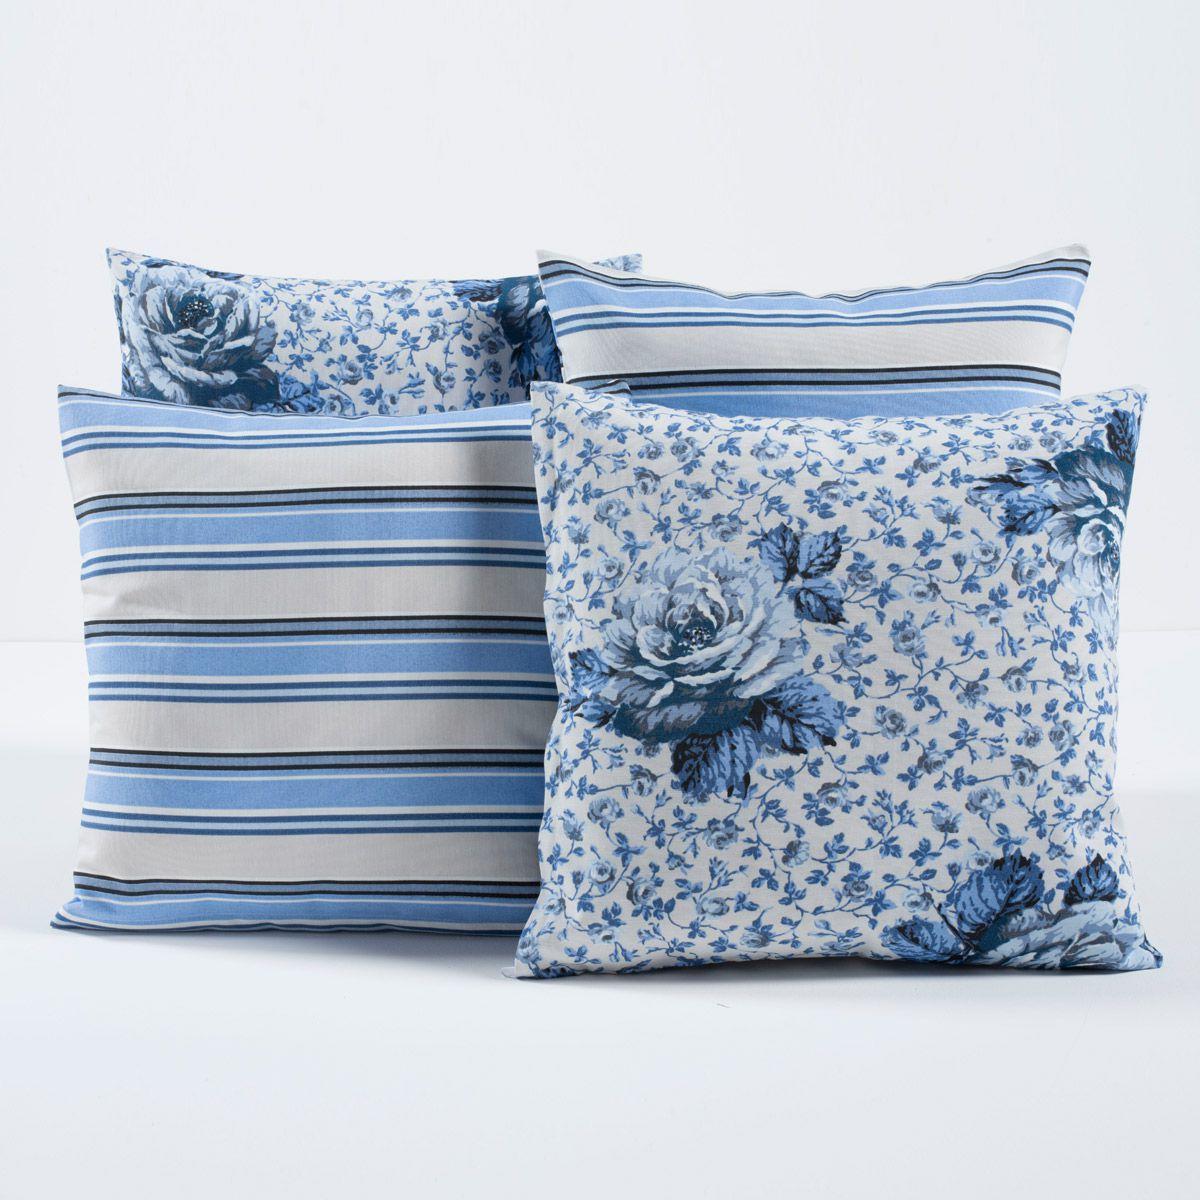 Kit c/ 4 Almofadas Cheias Decorativas Floral Azul Bebê Listrado 04 Peças c/ Refil